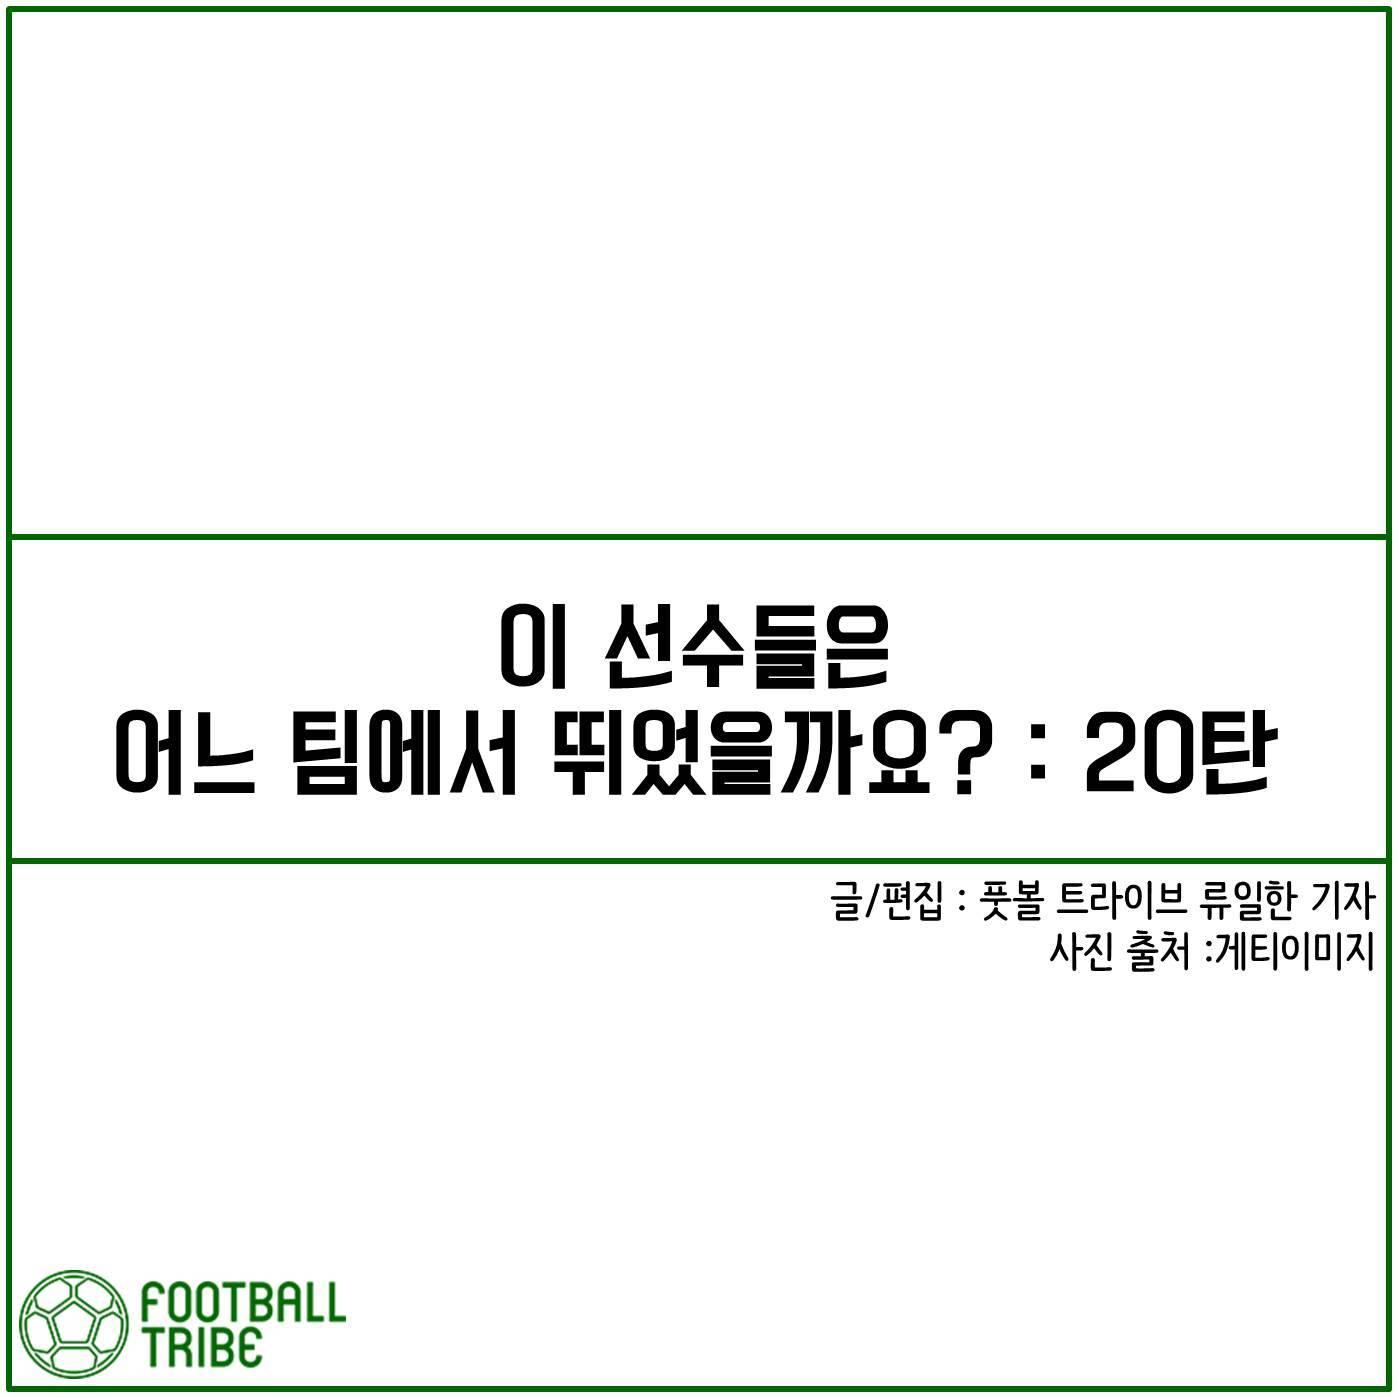 [카드 뉴스] 이 선수들은 어느 팀에서 뛰었을까요?: 20탄